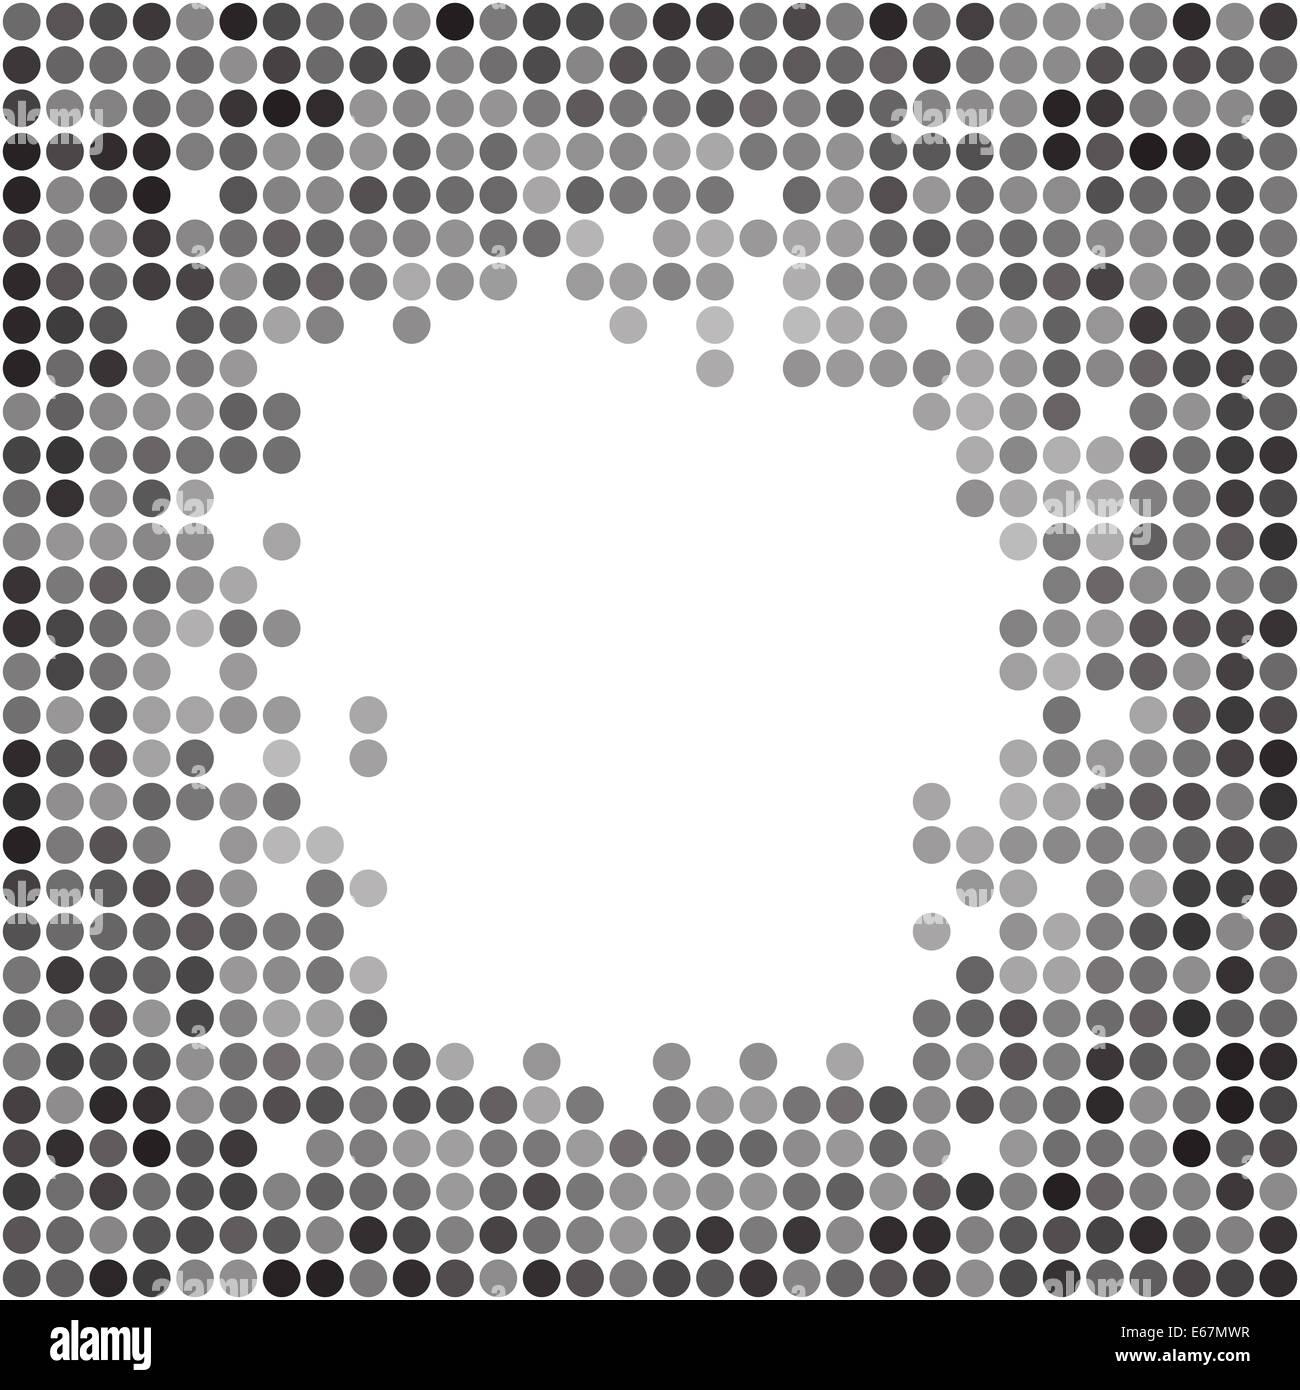 Gepunktete Graustufen Hintergrundtextur abstrakt Stockbild